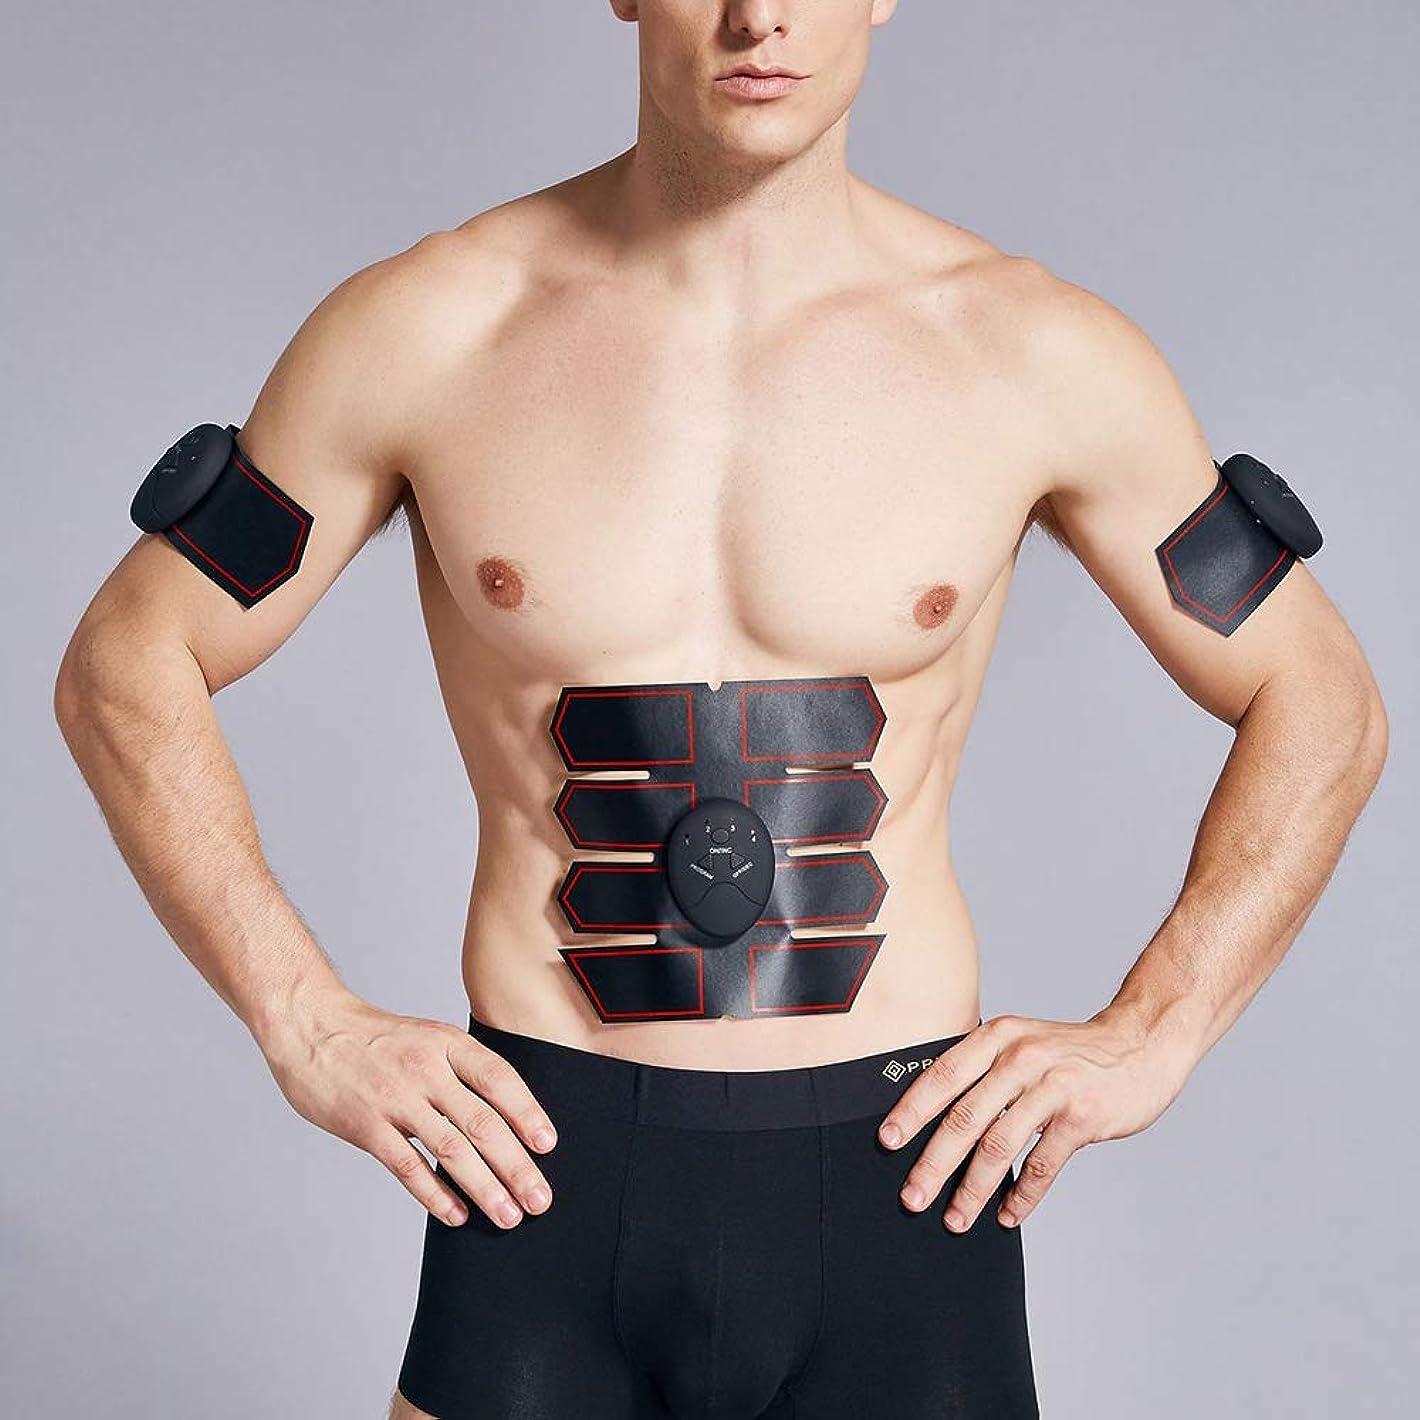 クライストチャーチ成果スリチンモイ新しい腹筋トレーナーEMSワイヤレス筋肉刺激装置体重減少腹部トレーナー美容機全身マッサージエクササイズフィットネス機器ユニセックス,Black